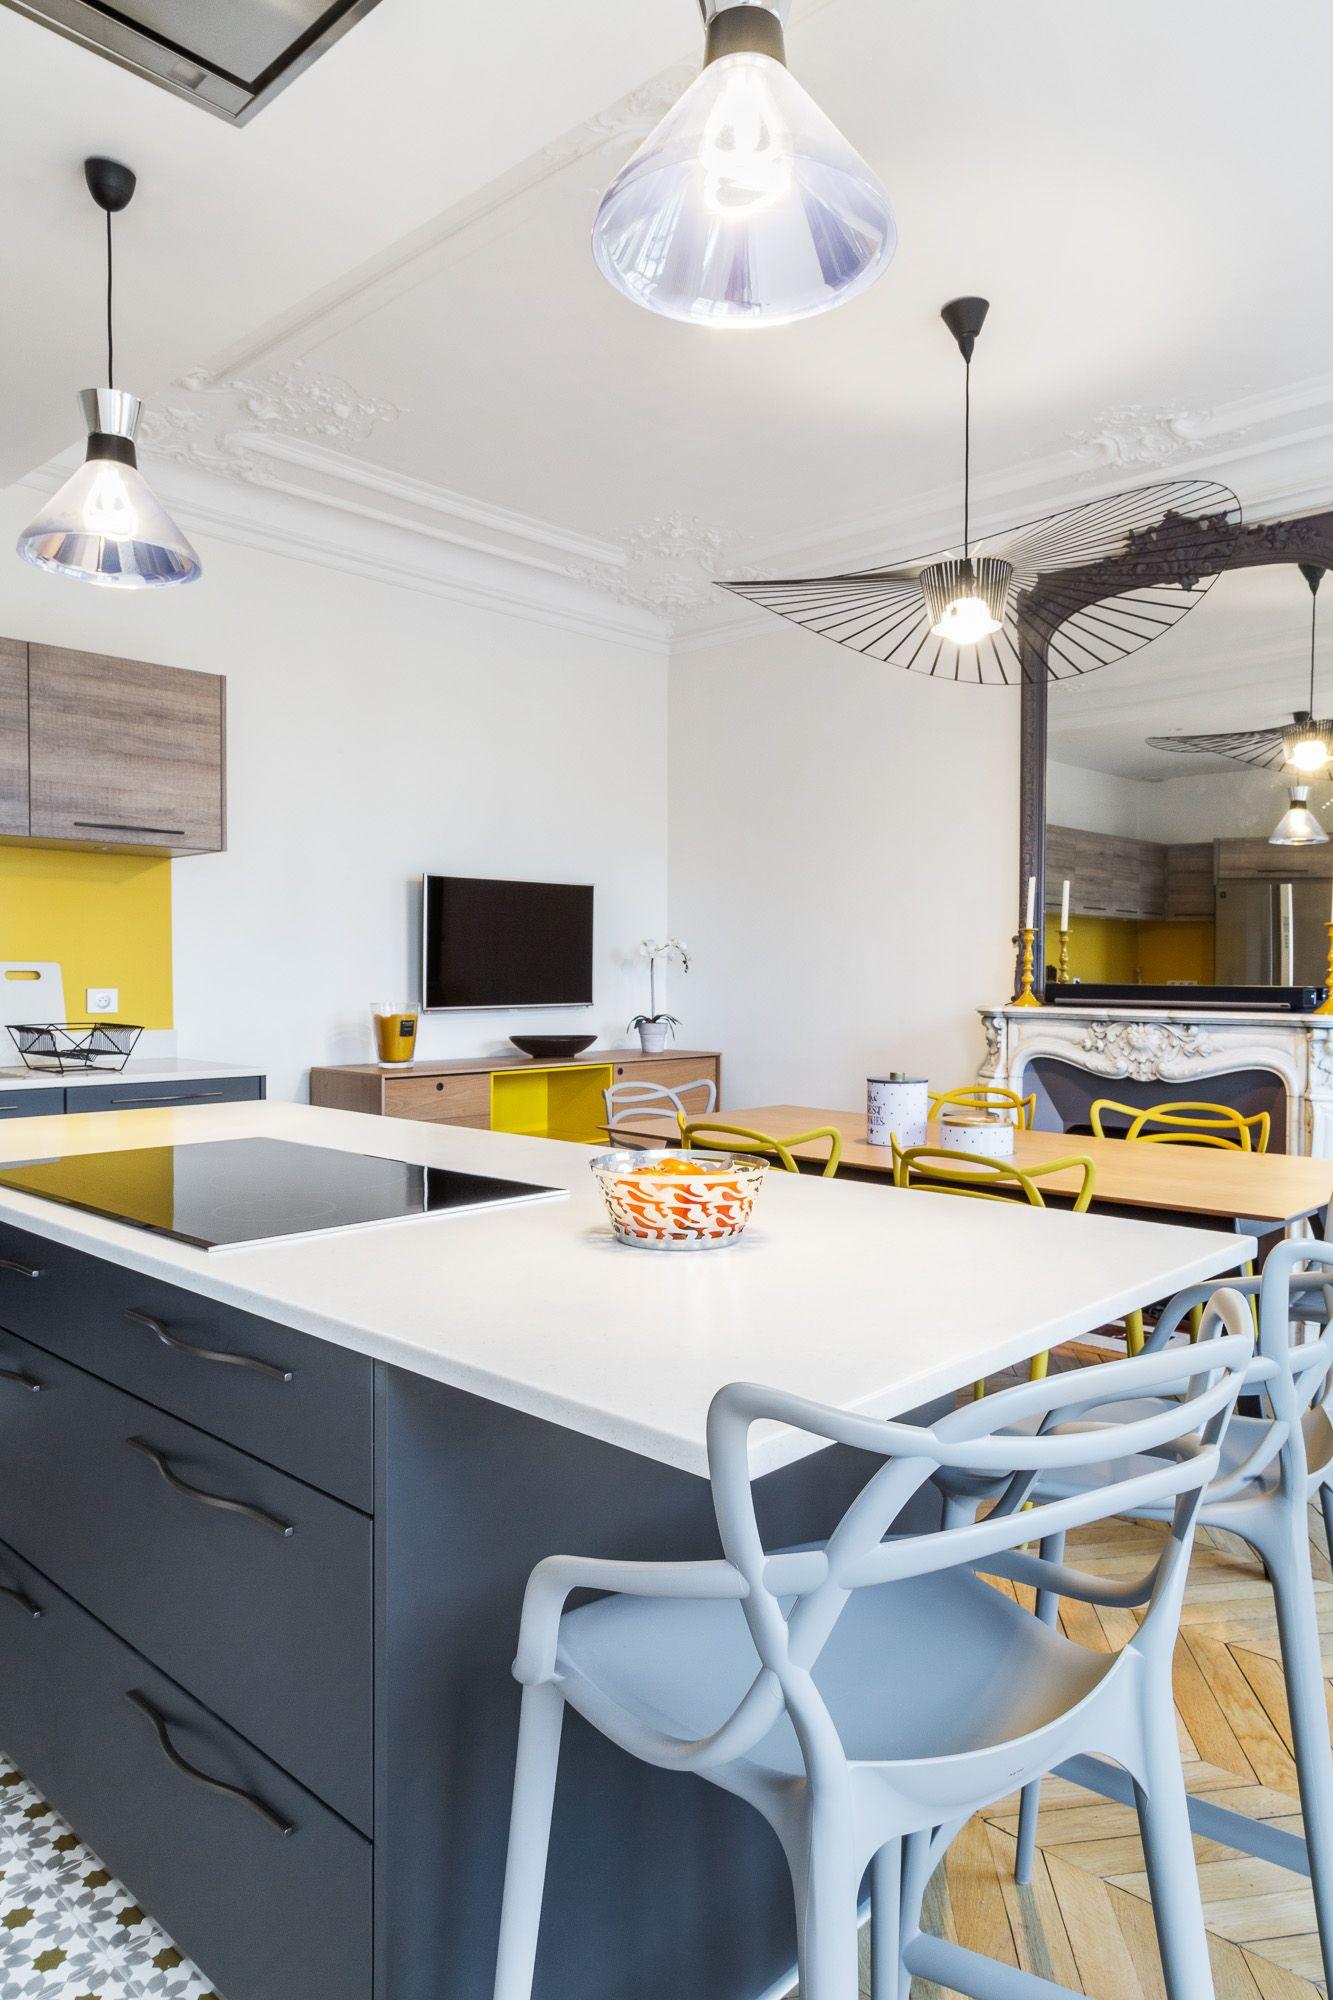 Cuisine Sur Mesure Lille cuisine graphique jaune et grise - appartement haussmannien